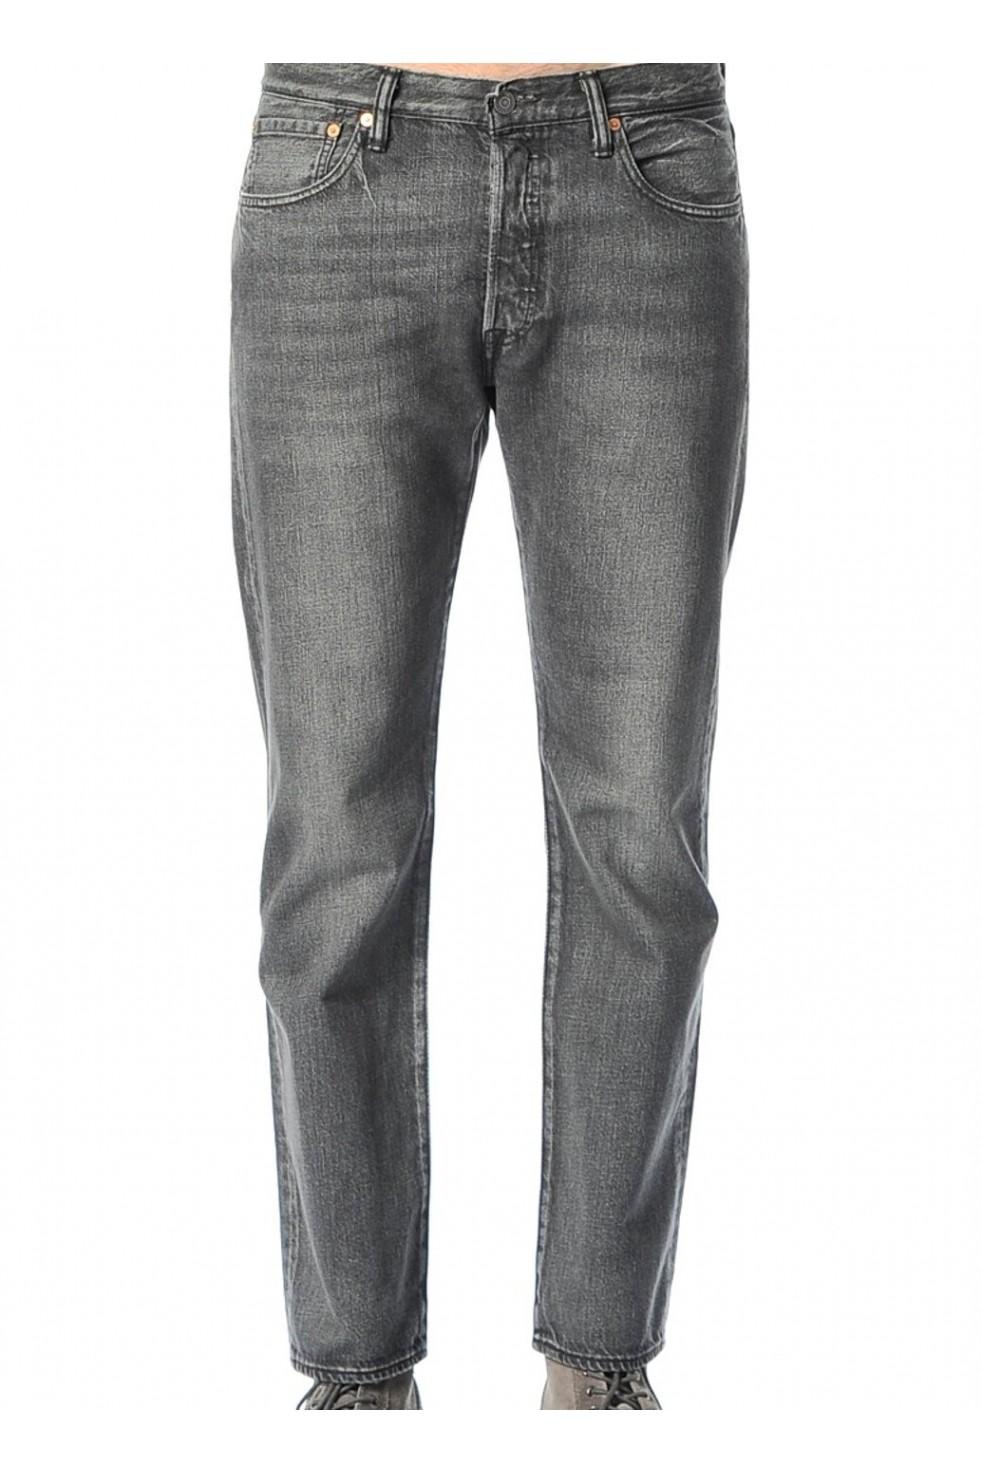 Levis-Erkek-Jean-Pantolon-501-Original-Fit-00501-2116